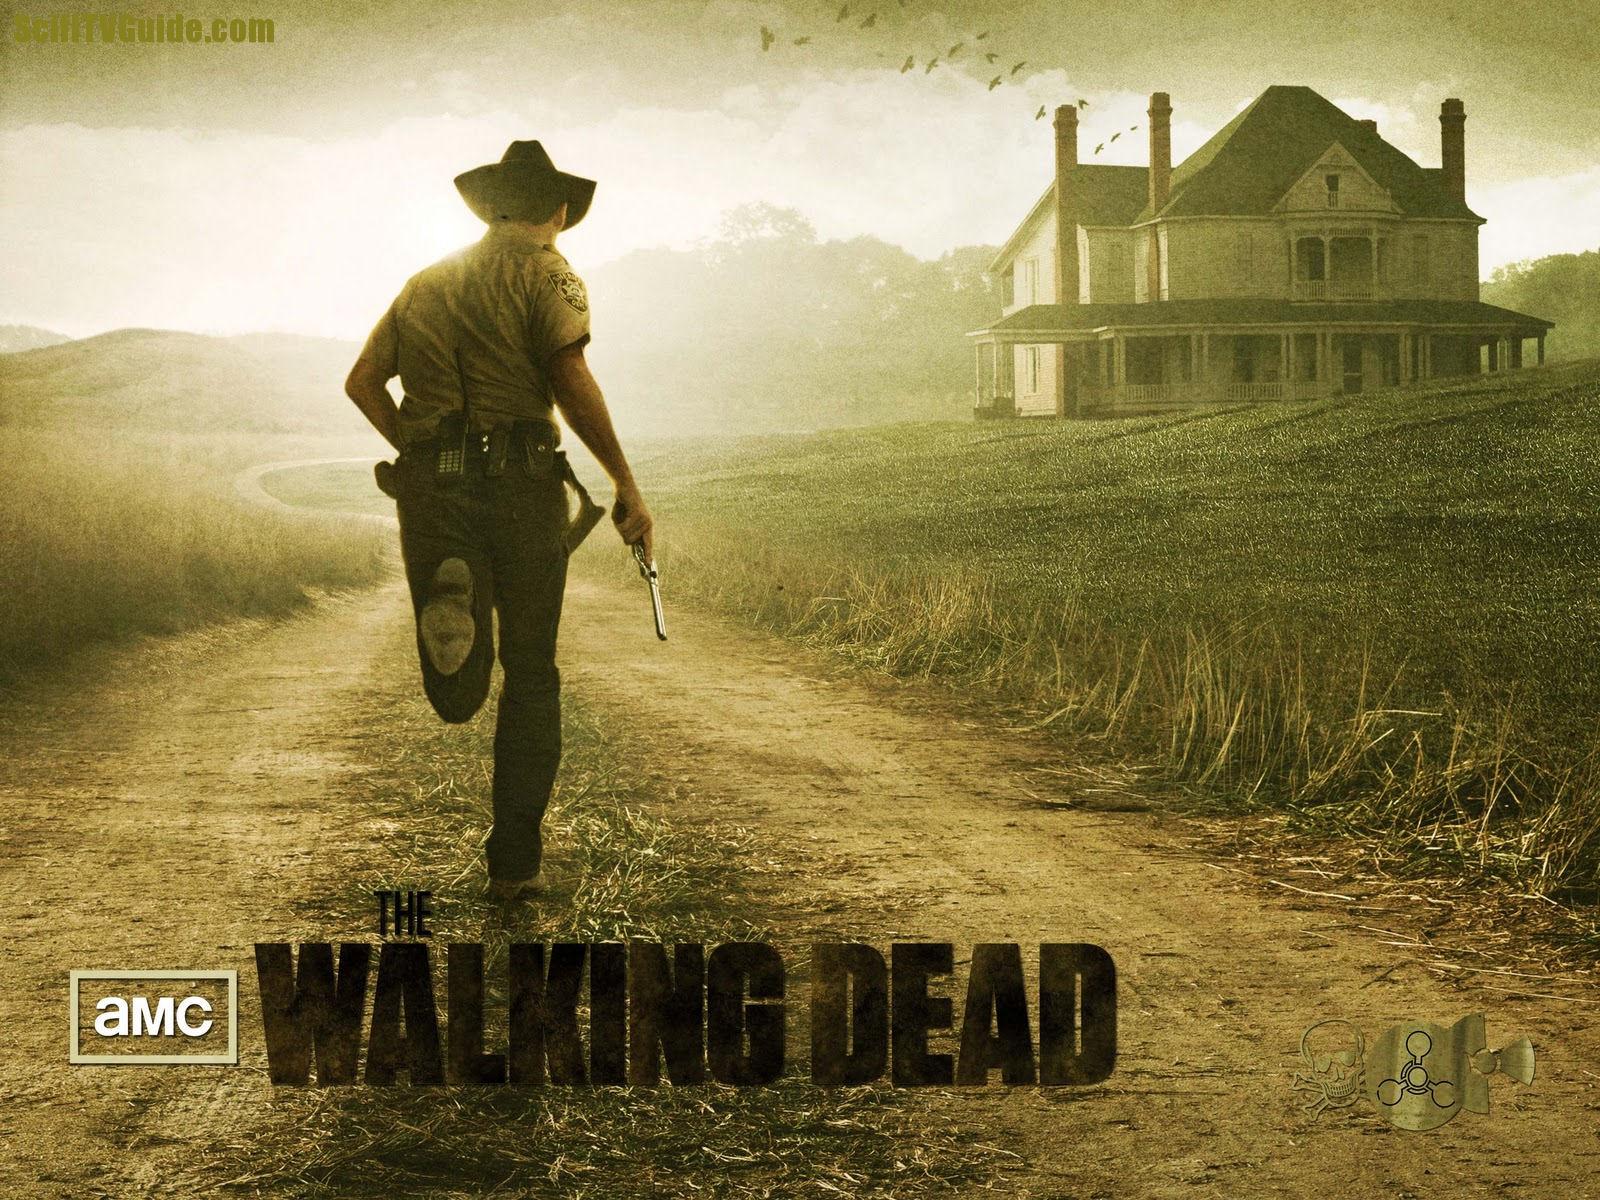 The Walking Dead Wallpapers: The Walking Dead HD Wallpaper